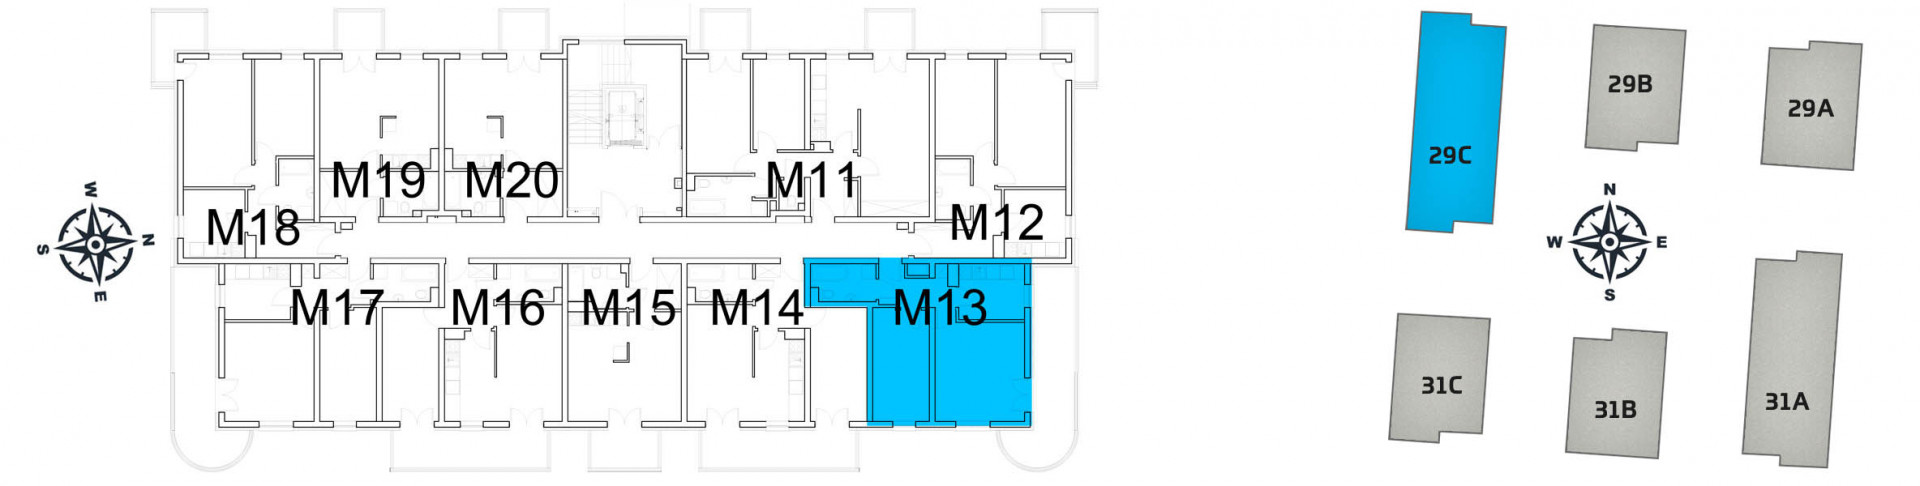 Mieszkanie dwupokojowe 29C/13 rzut 2